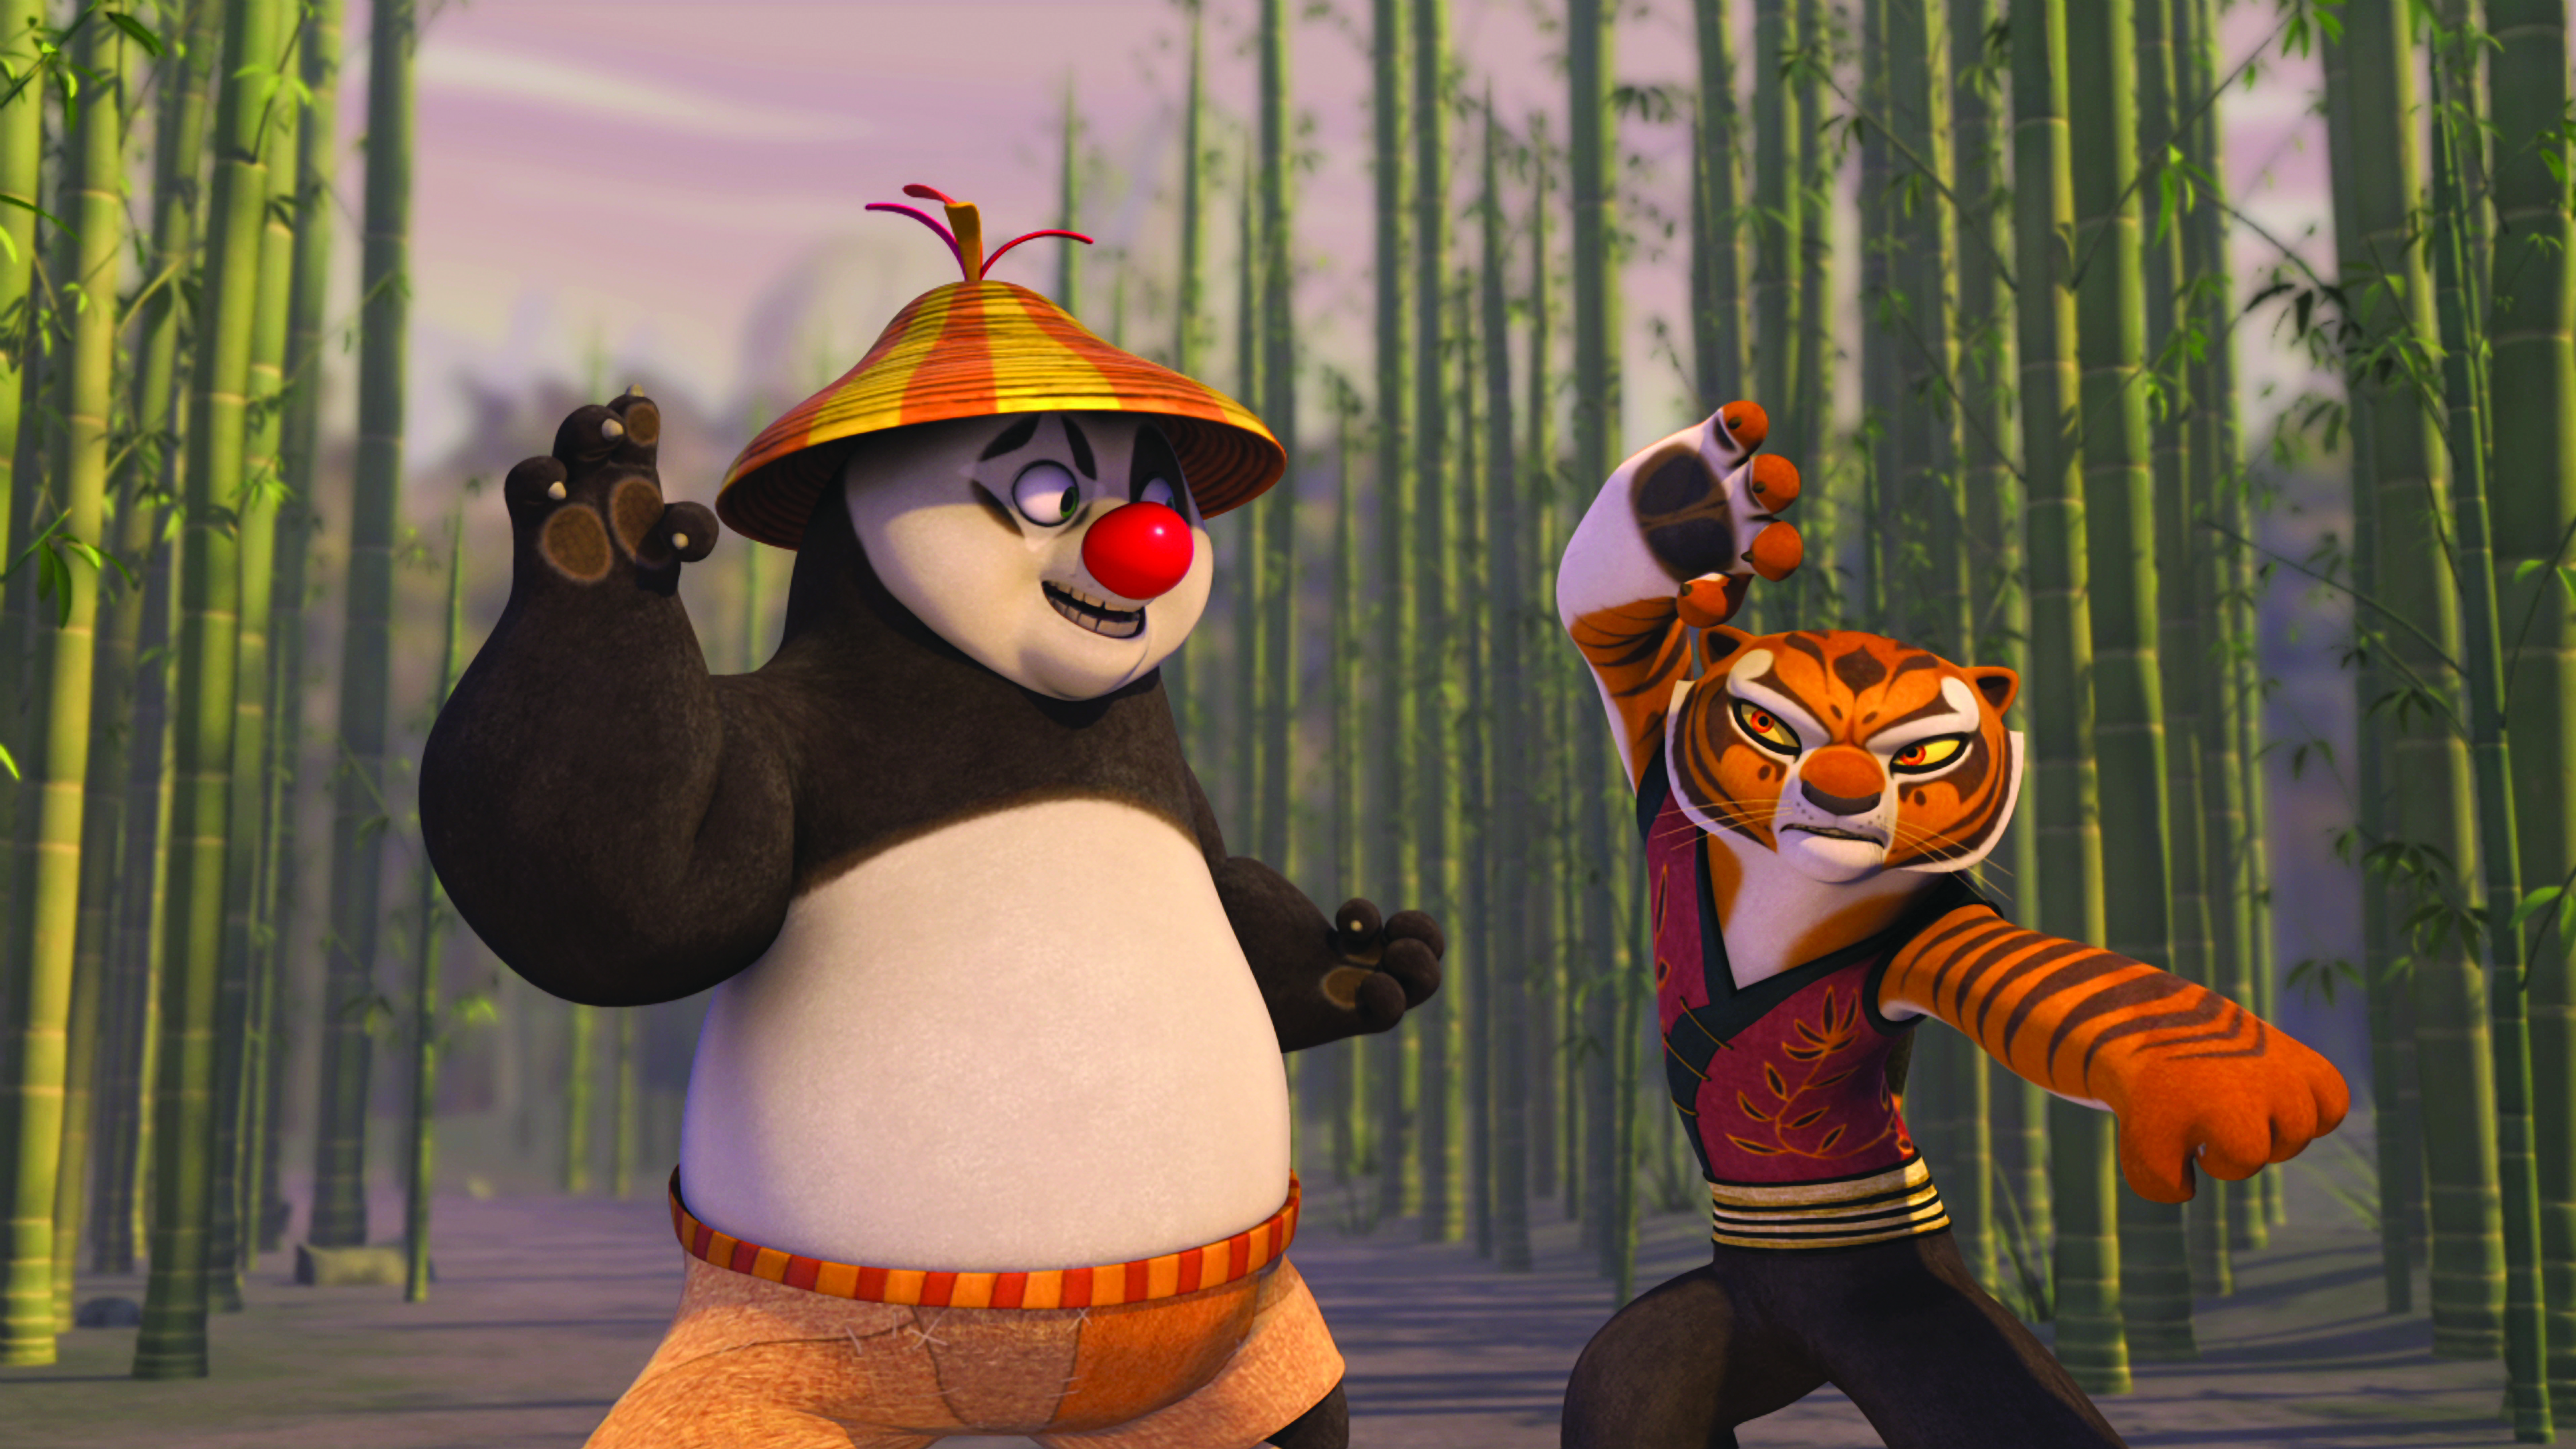 Тигрица ис кунфу панды картинки 19 фотография